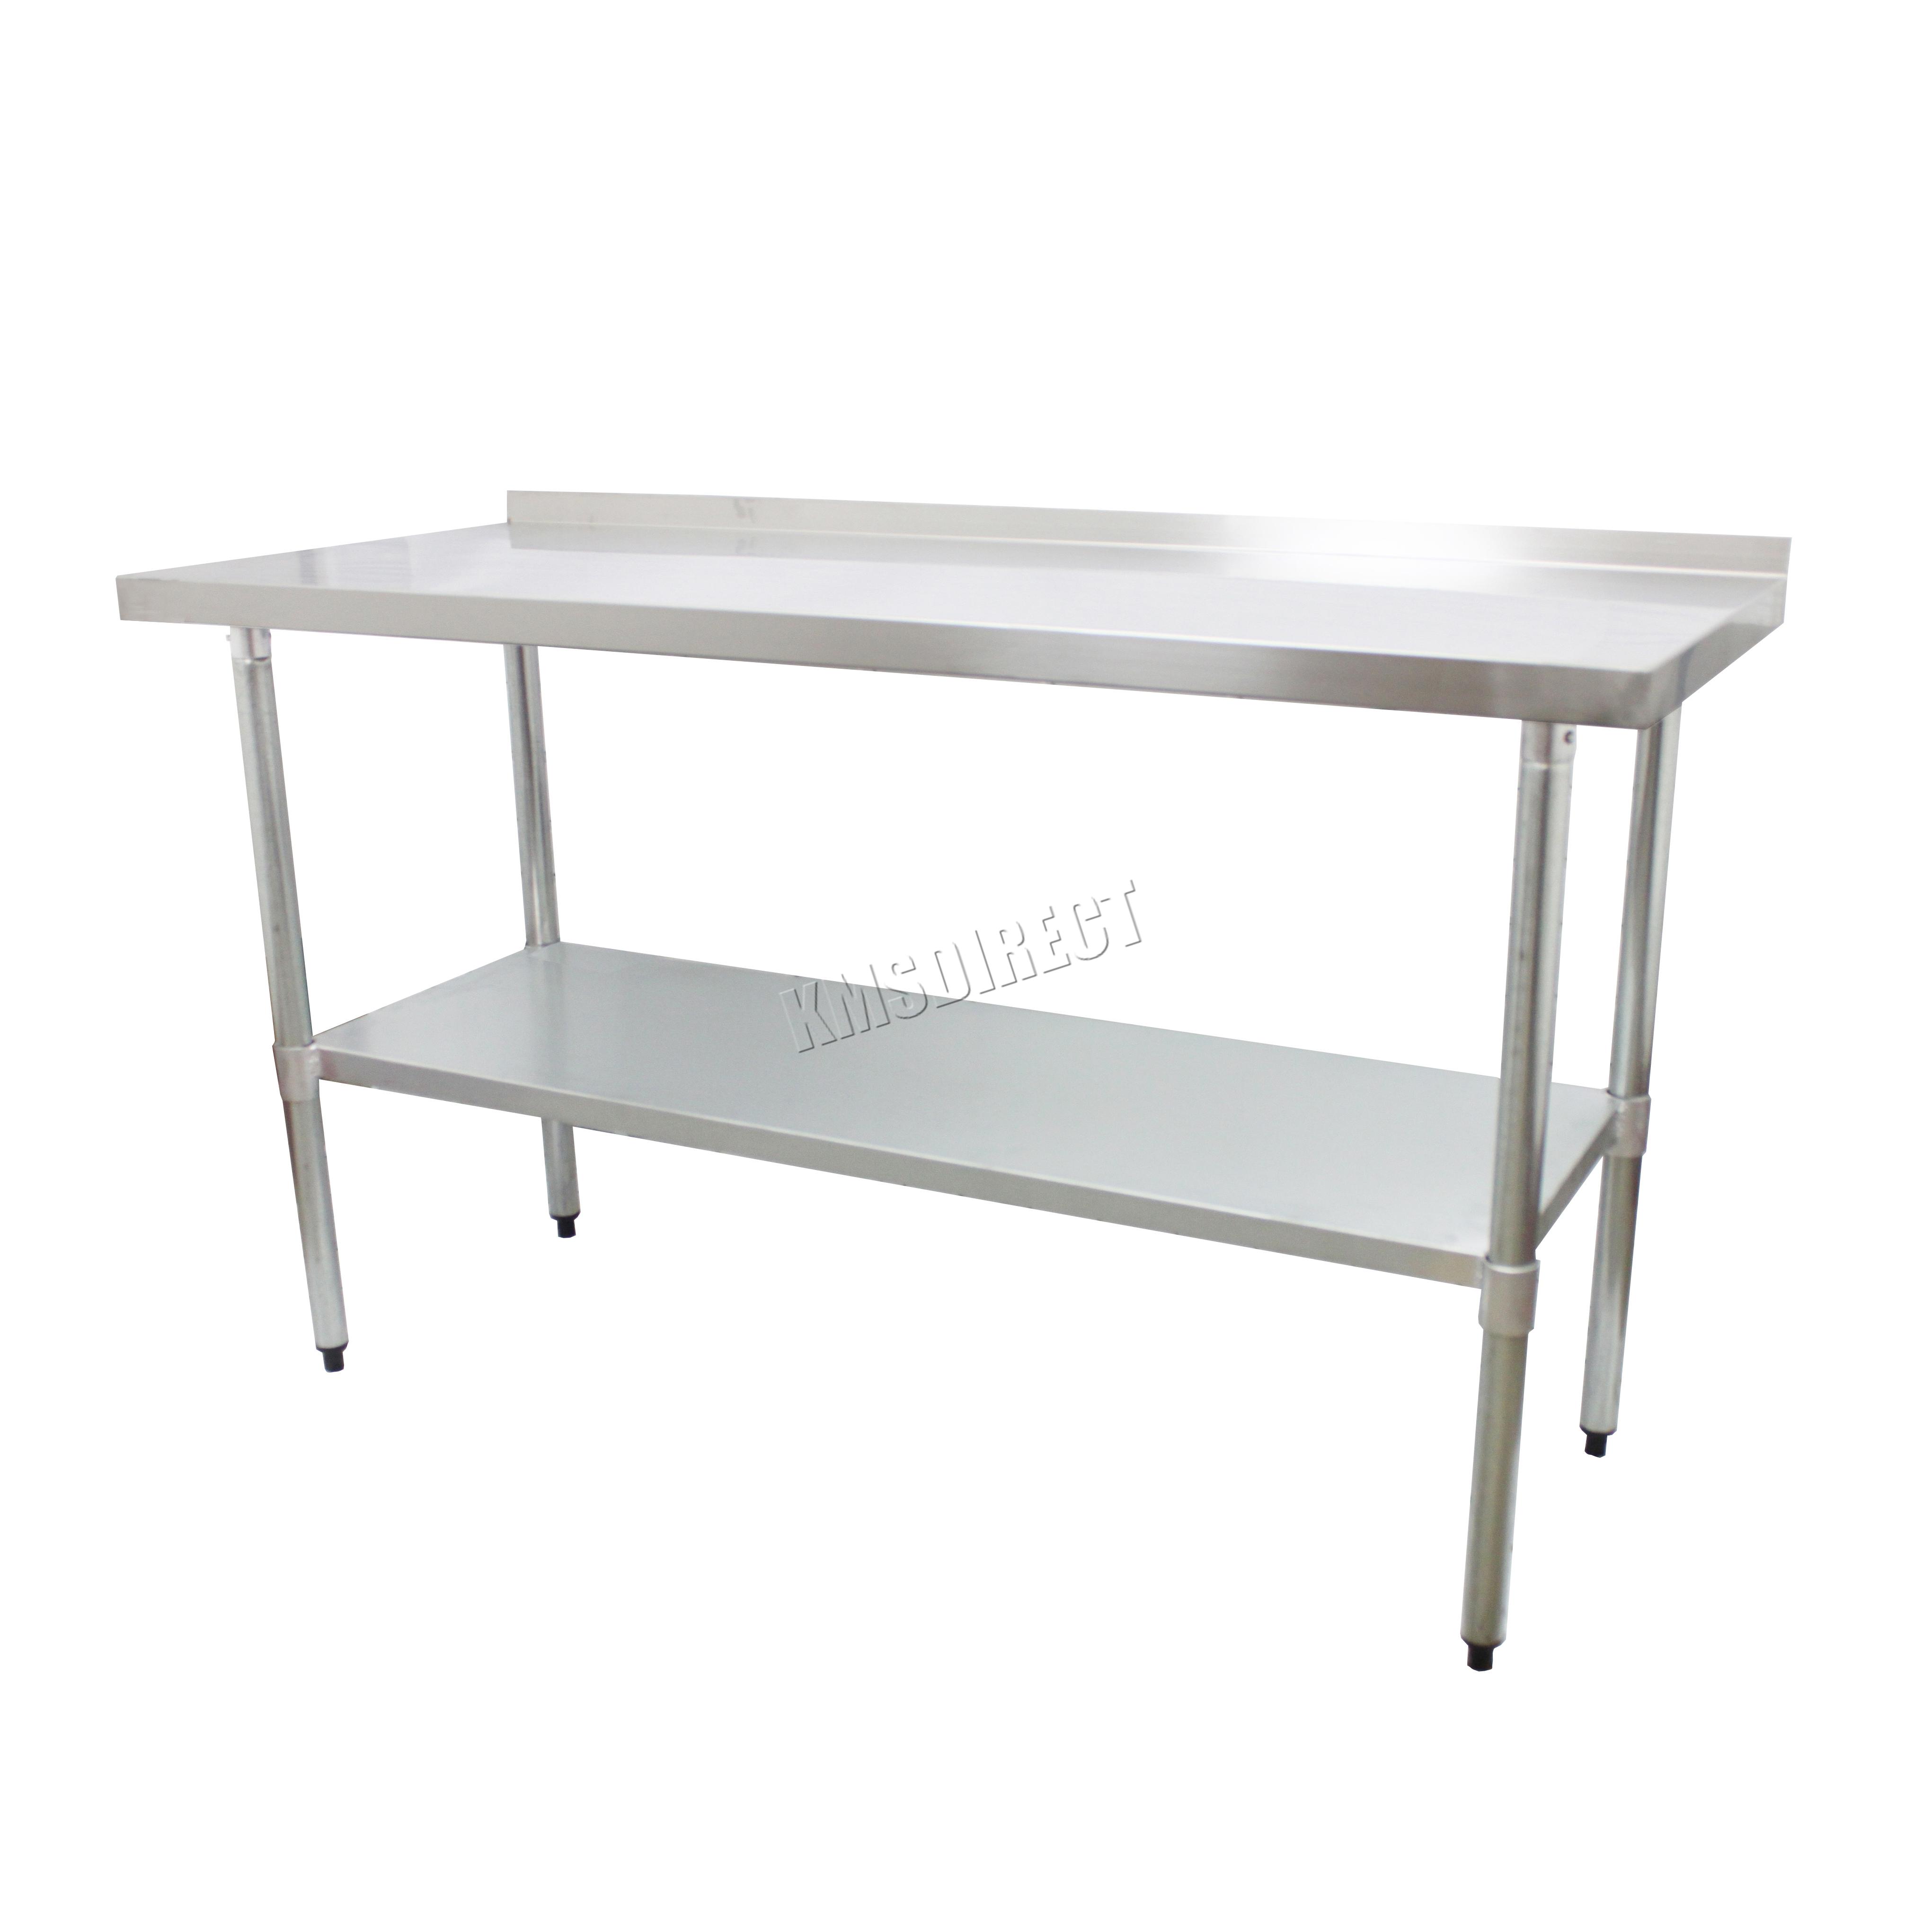 Foxhunter acier inoxydable traiteur table dosseret travail for Table cuisine banc